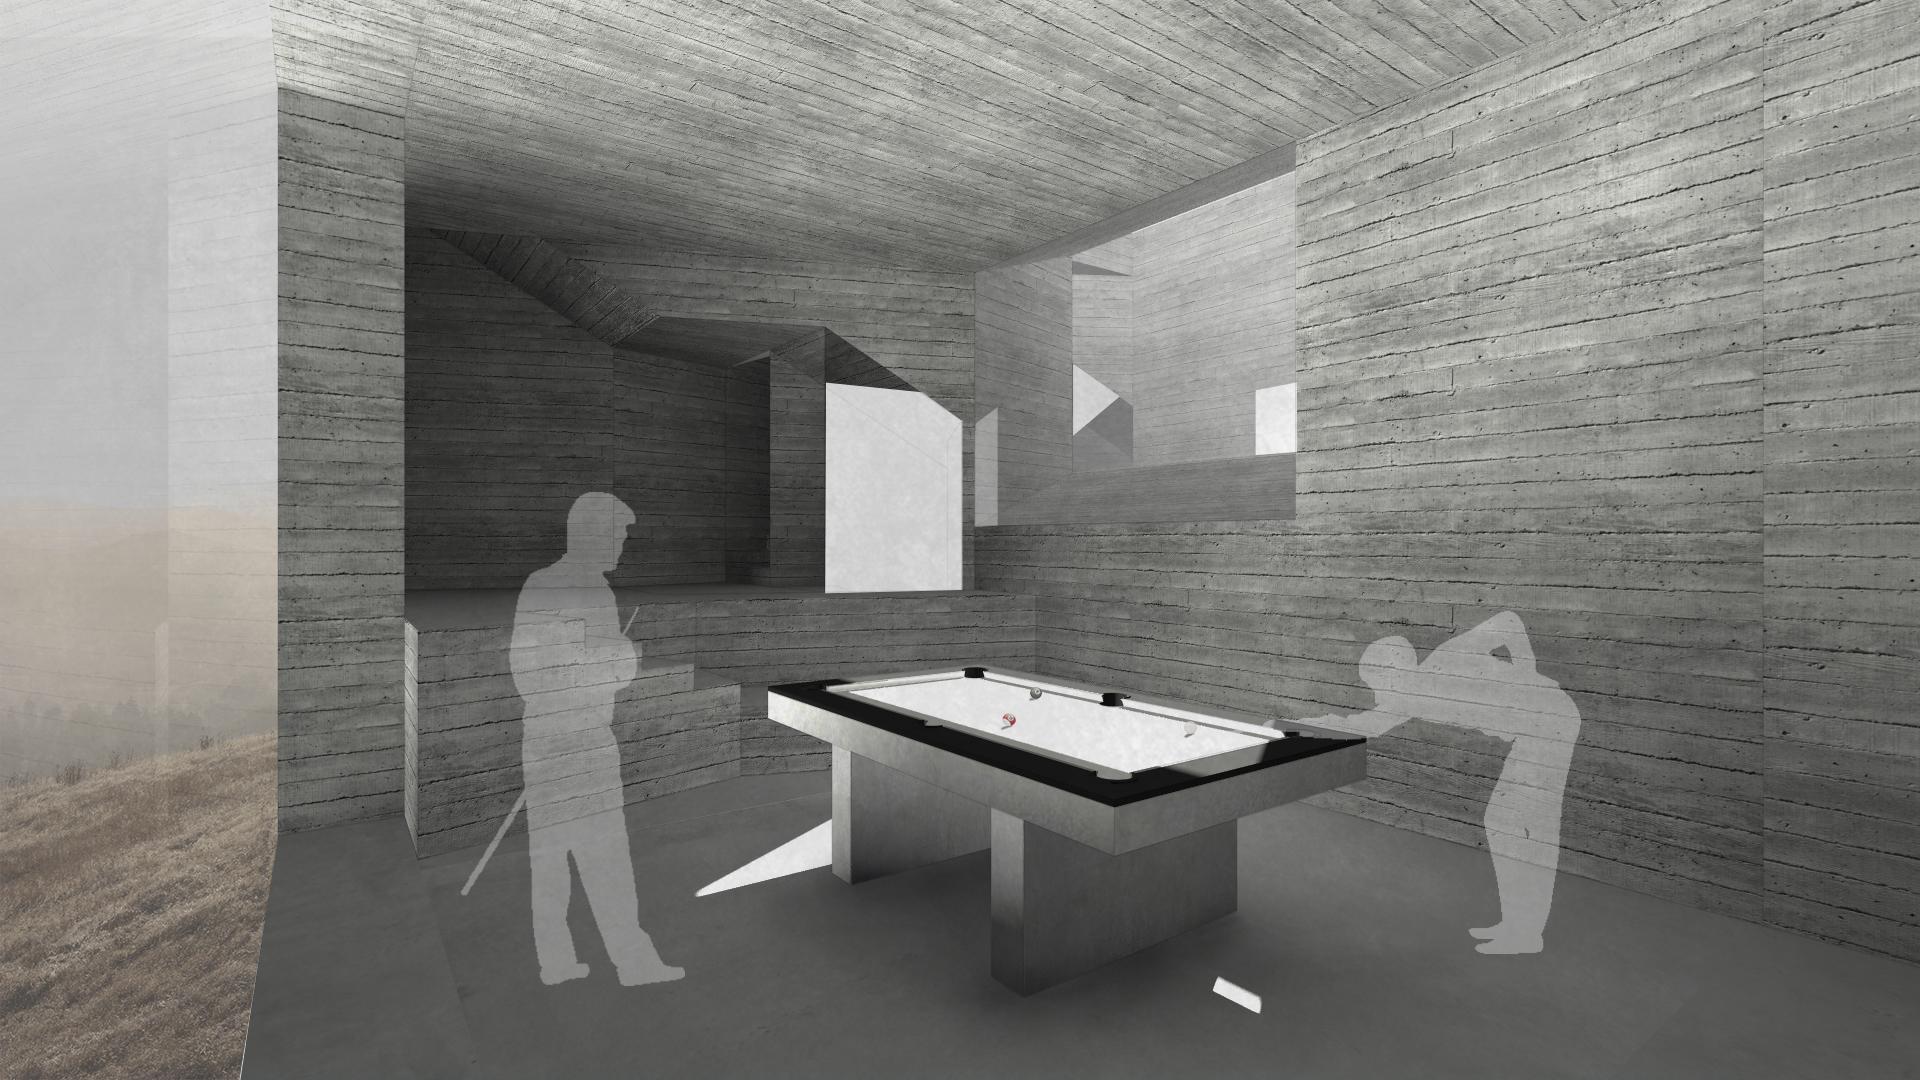 10_Rossitch_Billiards_Render_02.jpg